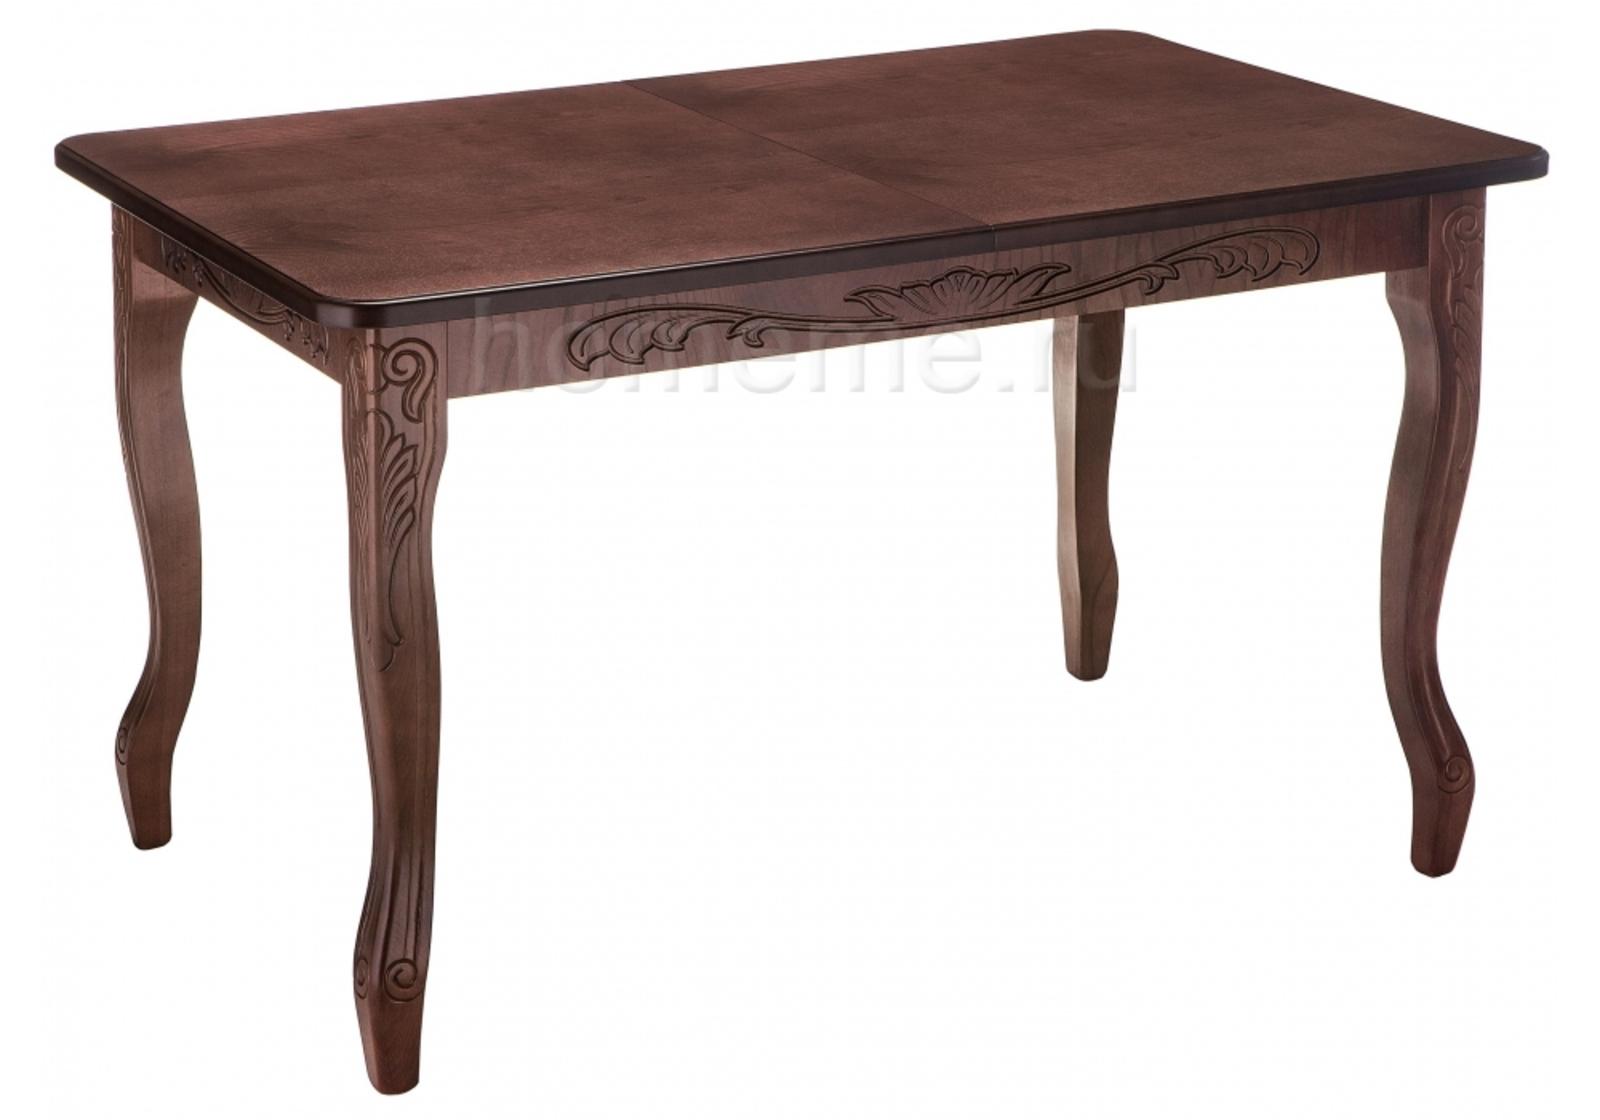 Стол деревянный Мауро орех 318615 Мауро орех 318615 (16206) фото